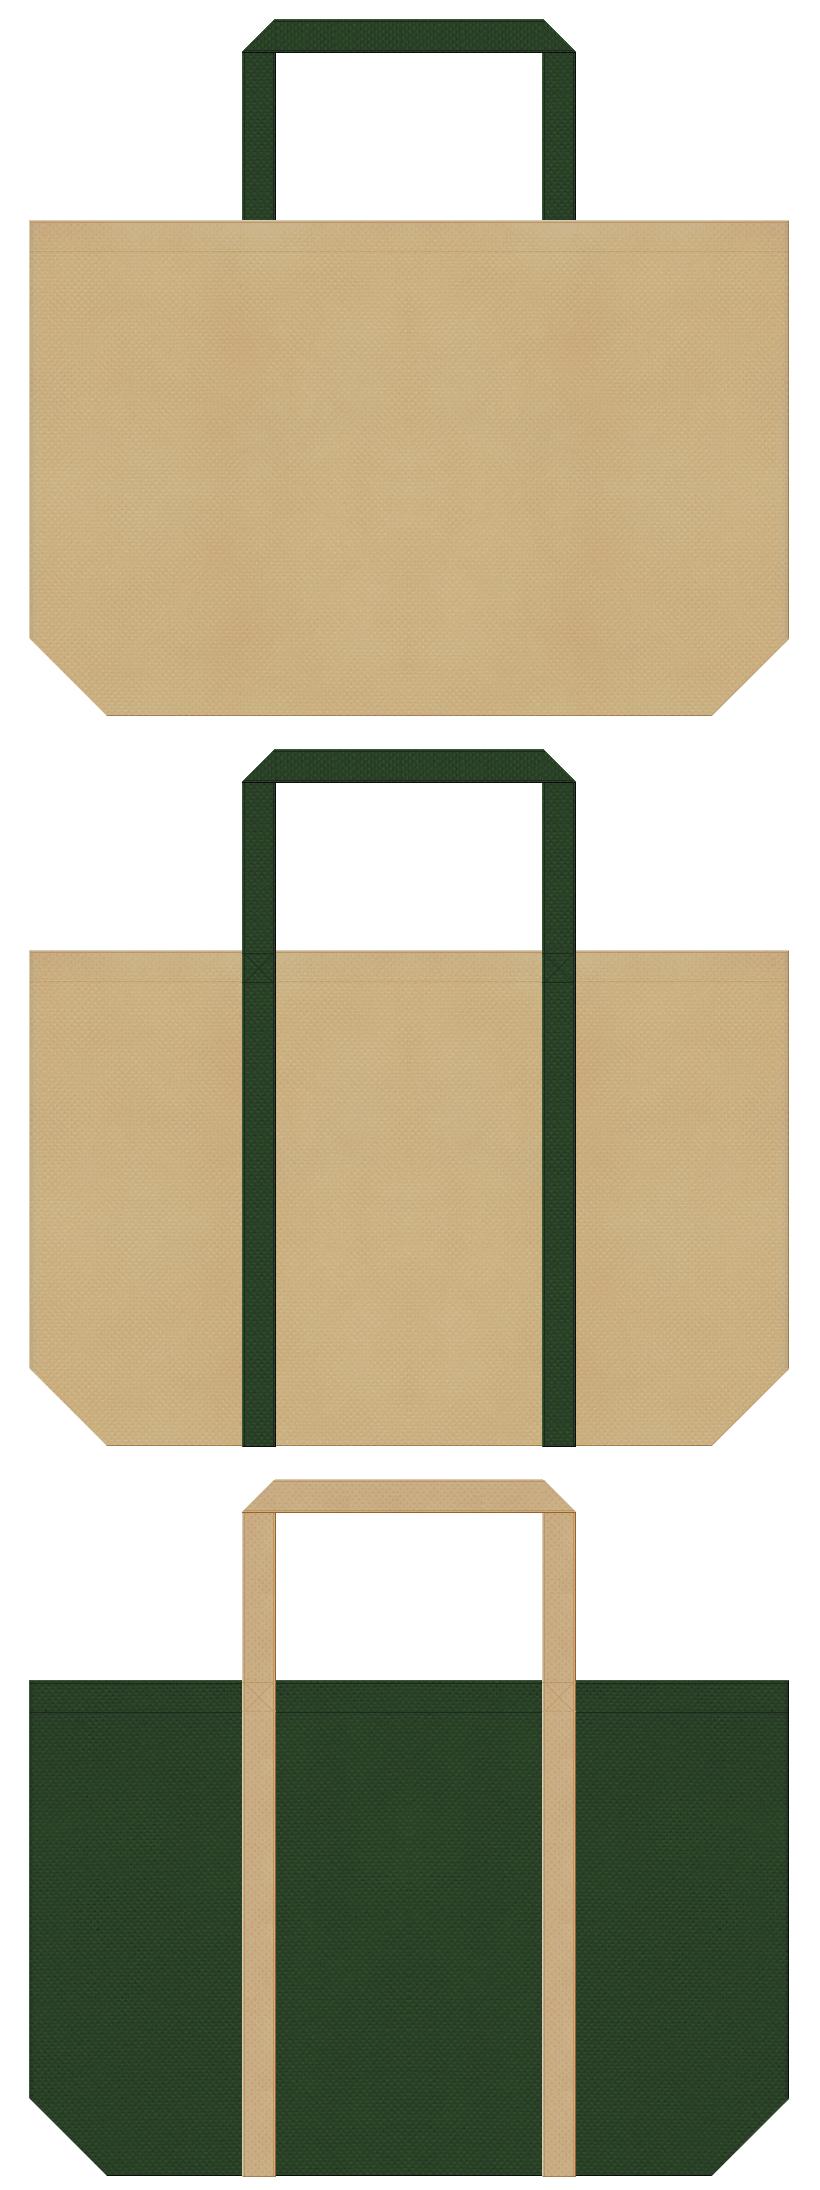 動物園・テーマパーク・探検・ジャングル・恐竜・サバンナ・サファリ・アニマル・DIY・登山・アウトドア・キャンプ用品のショッピングバッグにお奨めの不織布バッグデザイン:カーキ色と濃緑色のコーデ